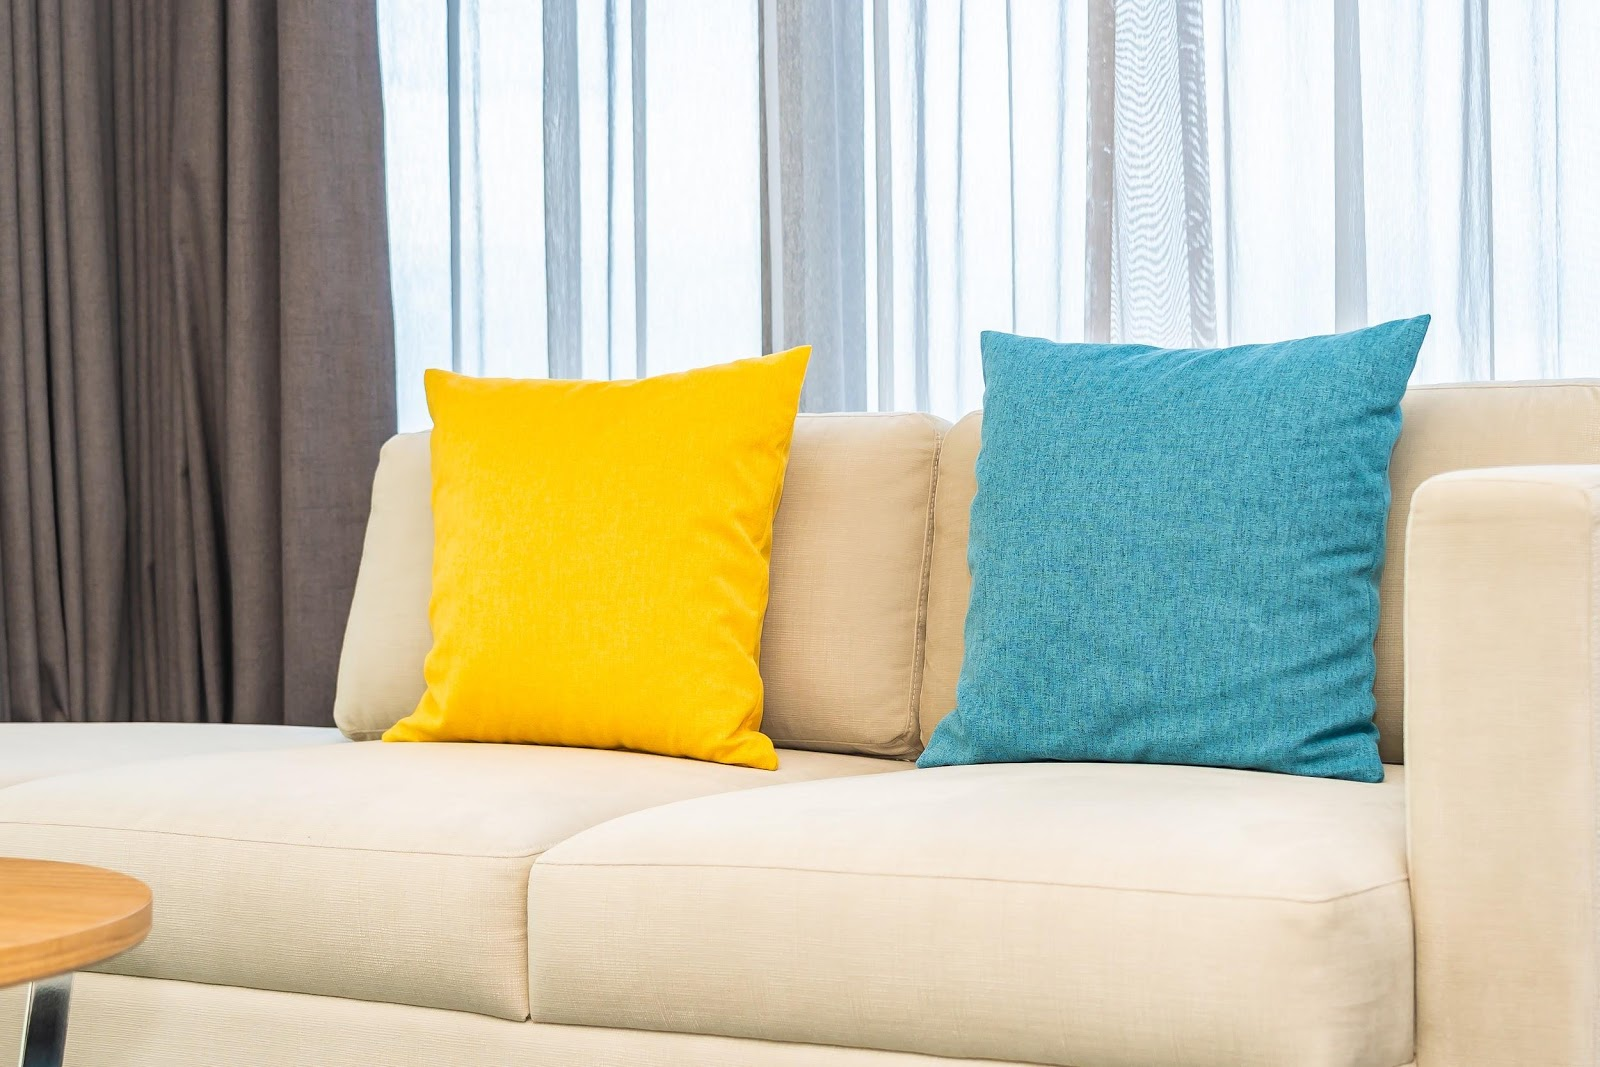 Pillow fabrics